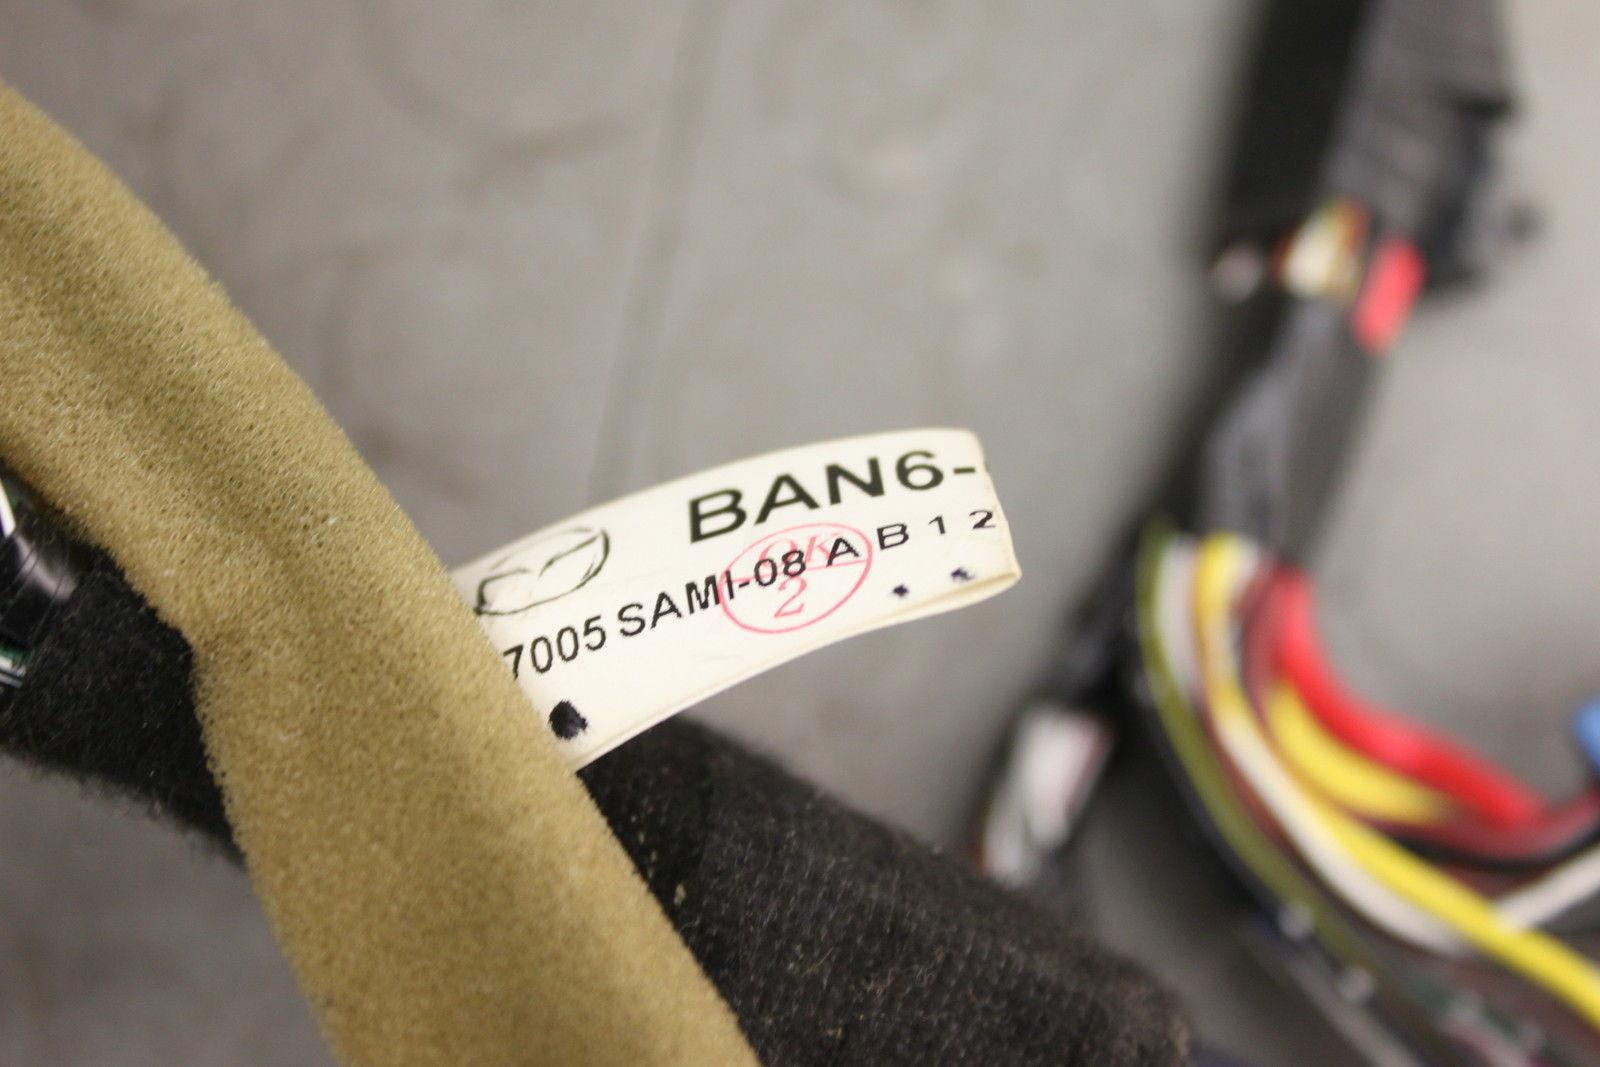 06 09 Mazda 3 Mazda3 Interior Dash Dashboard Wiring Wire Harness Ban6 67 230 B